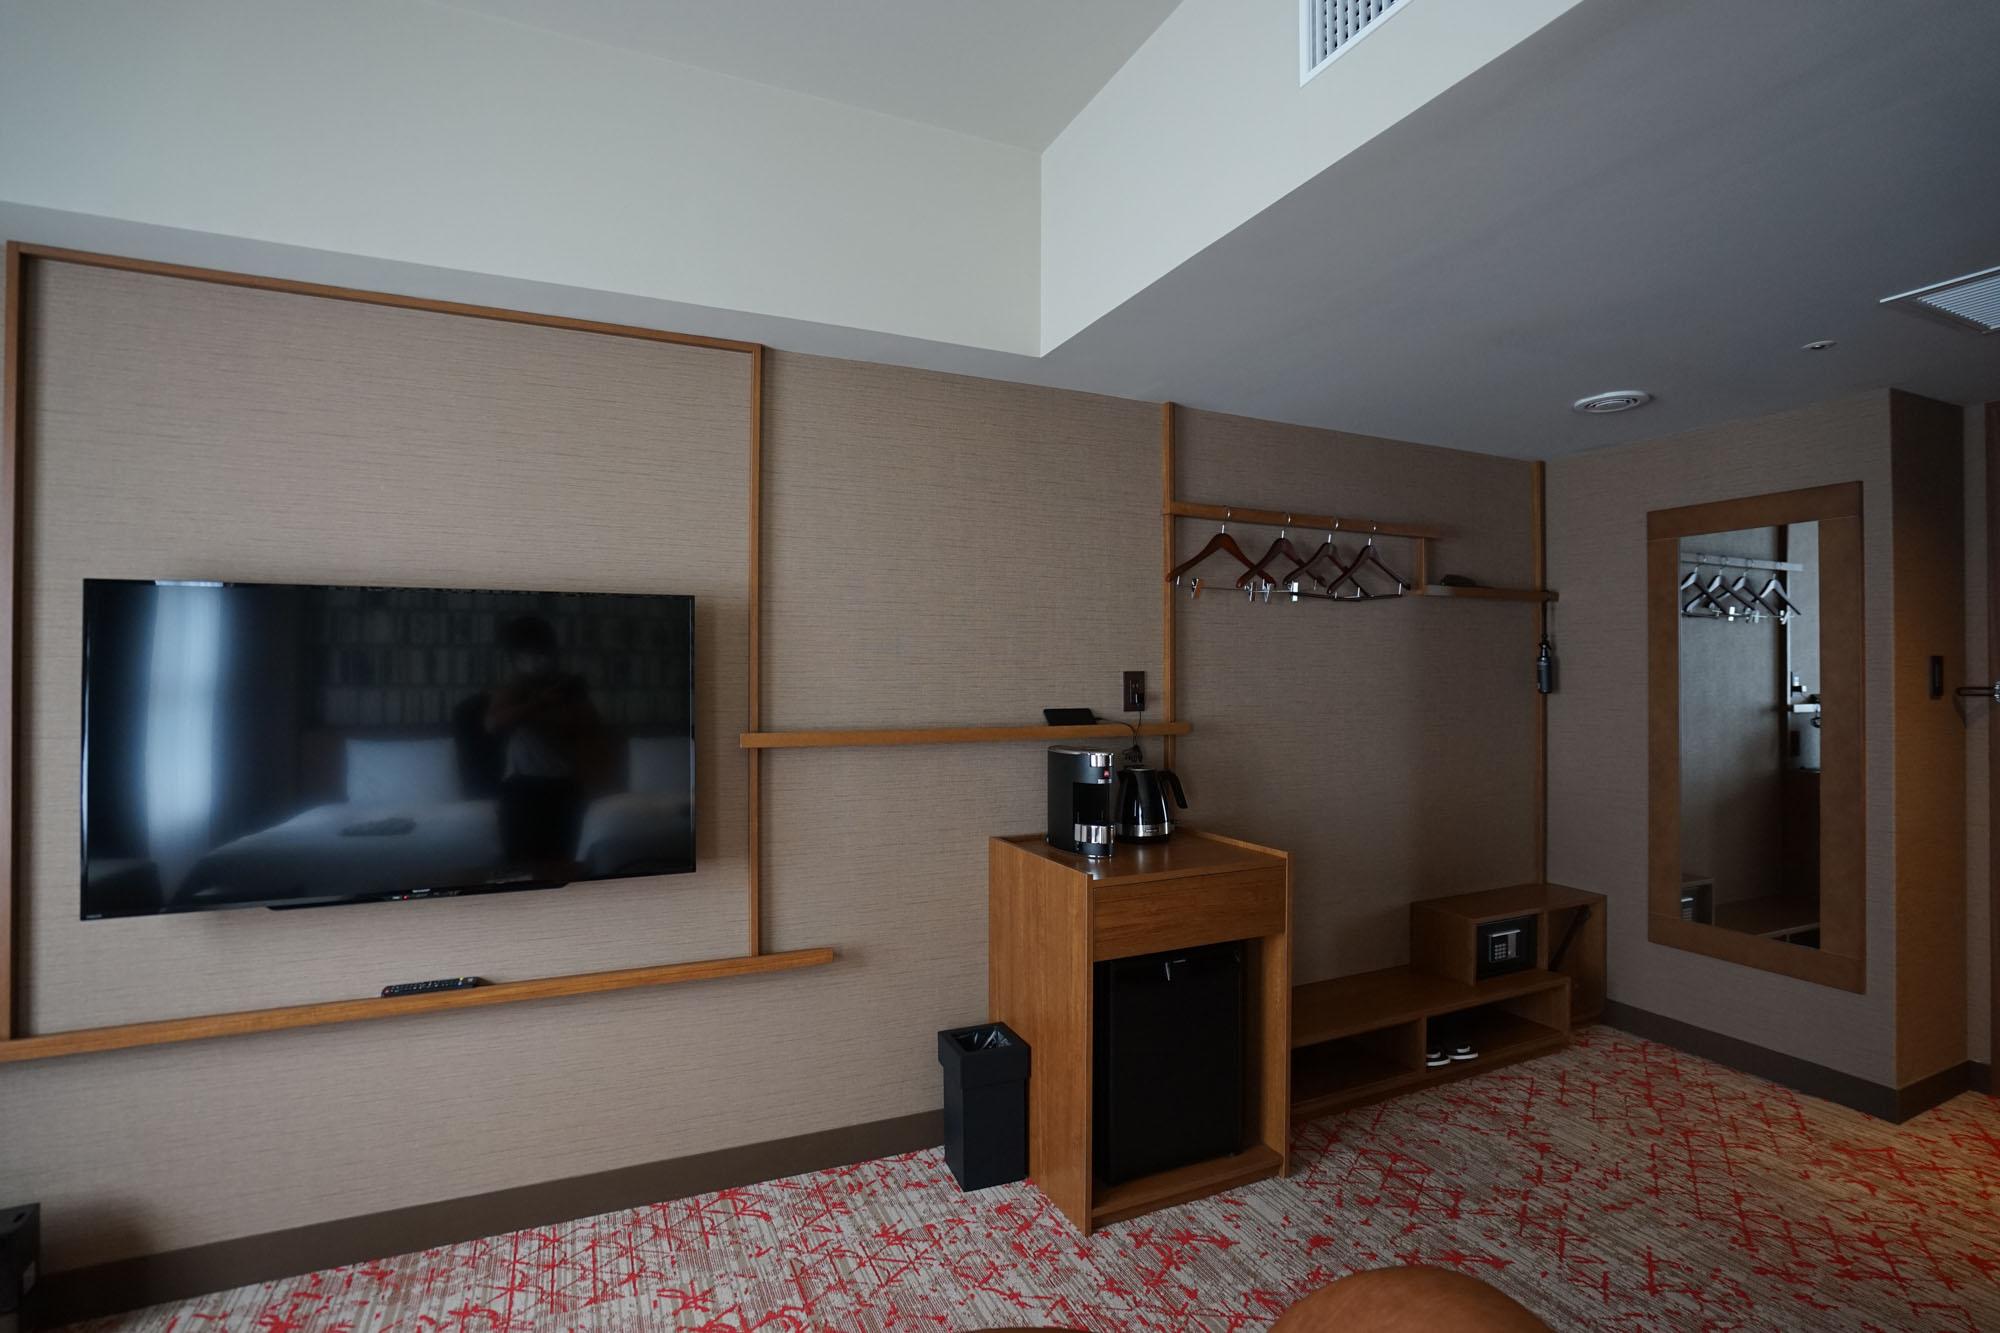 リニューアルで、壁際にあったカウンターデスクや収納ユニットを取り払うことで、より開放的な空間になりました。